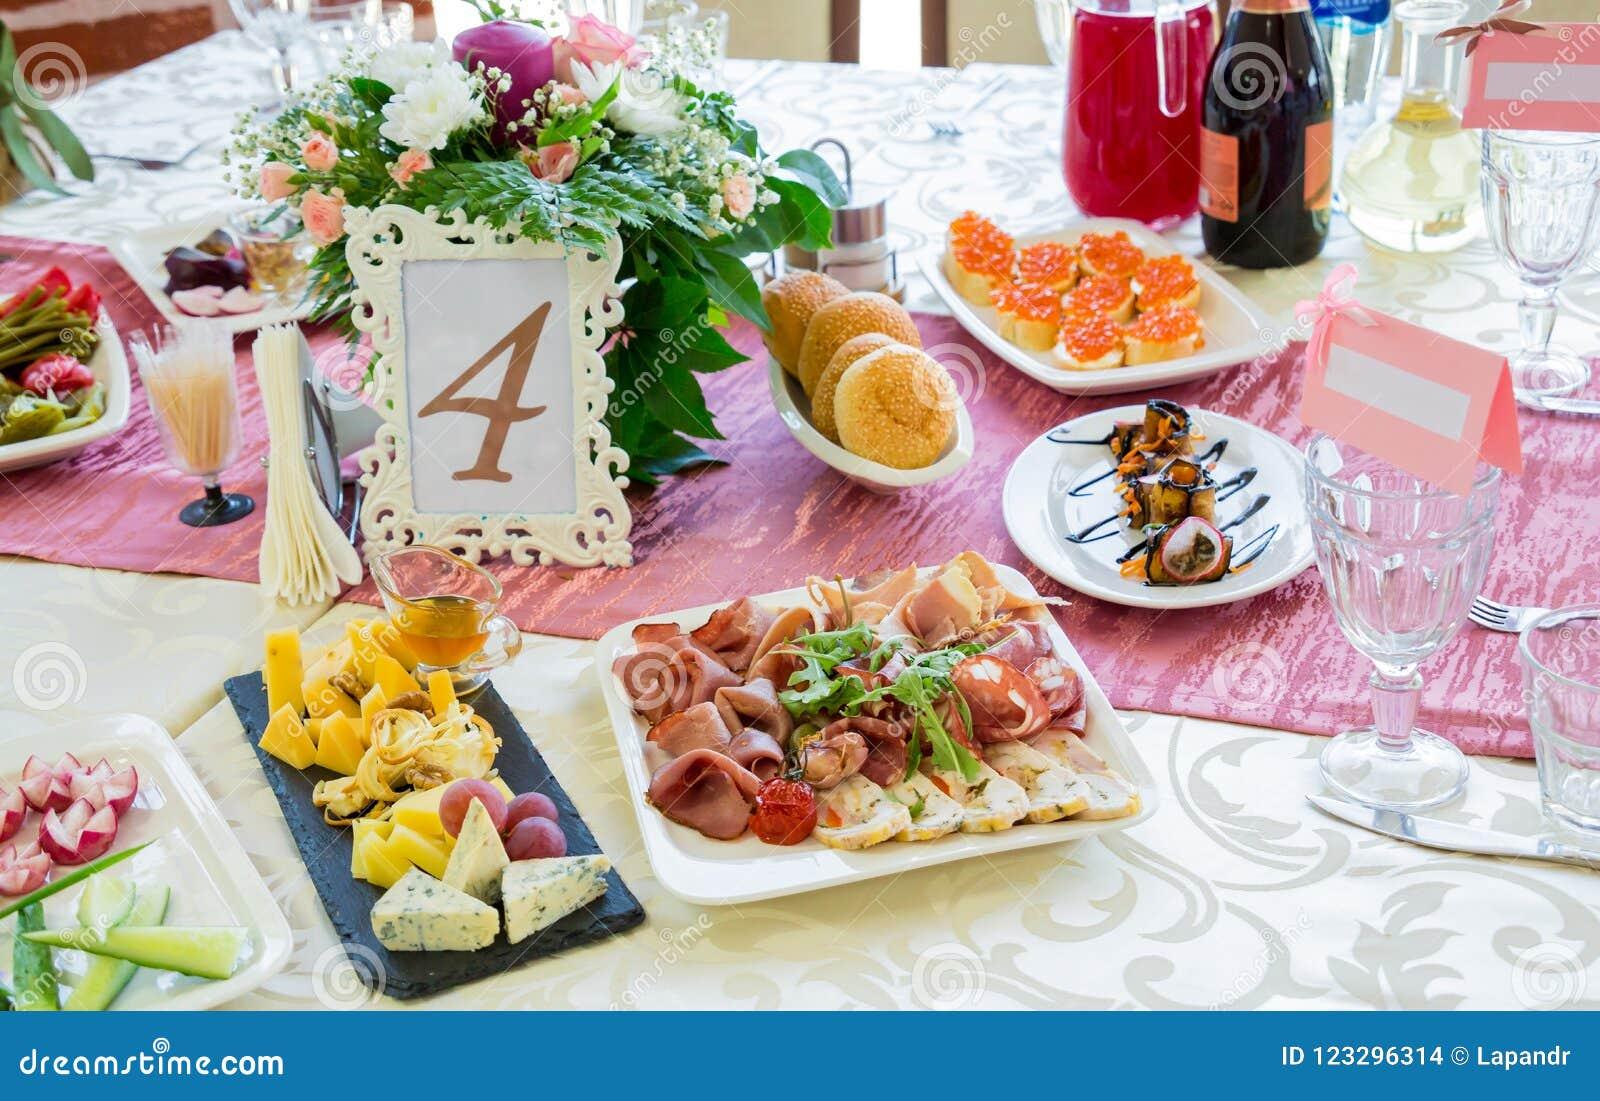 Εξυπηρετούμενοι πίνακες στο συμπόσιο Ποτά, πρόχειρα φαγητά, λιχουδιές και λουλούδια στο εστιατόριο Ένα γεγονός ή ένας γάμος gala